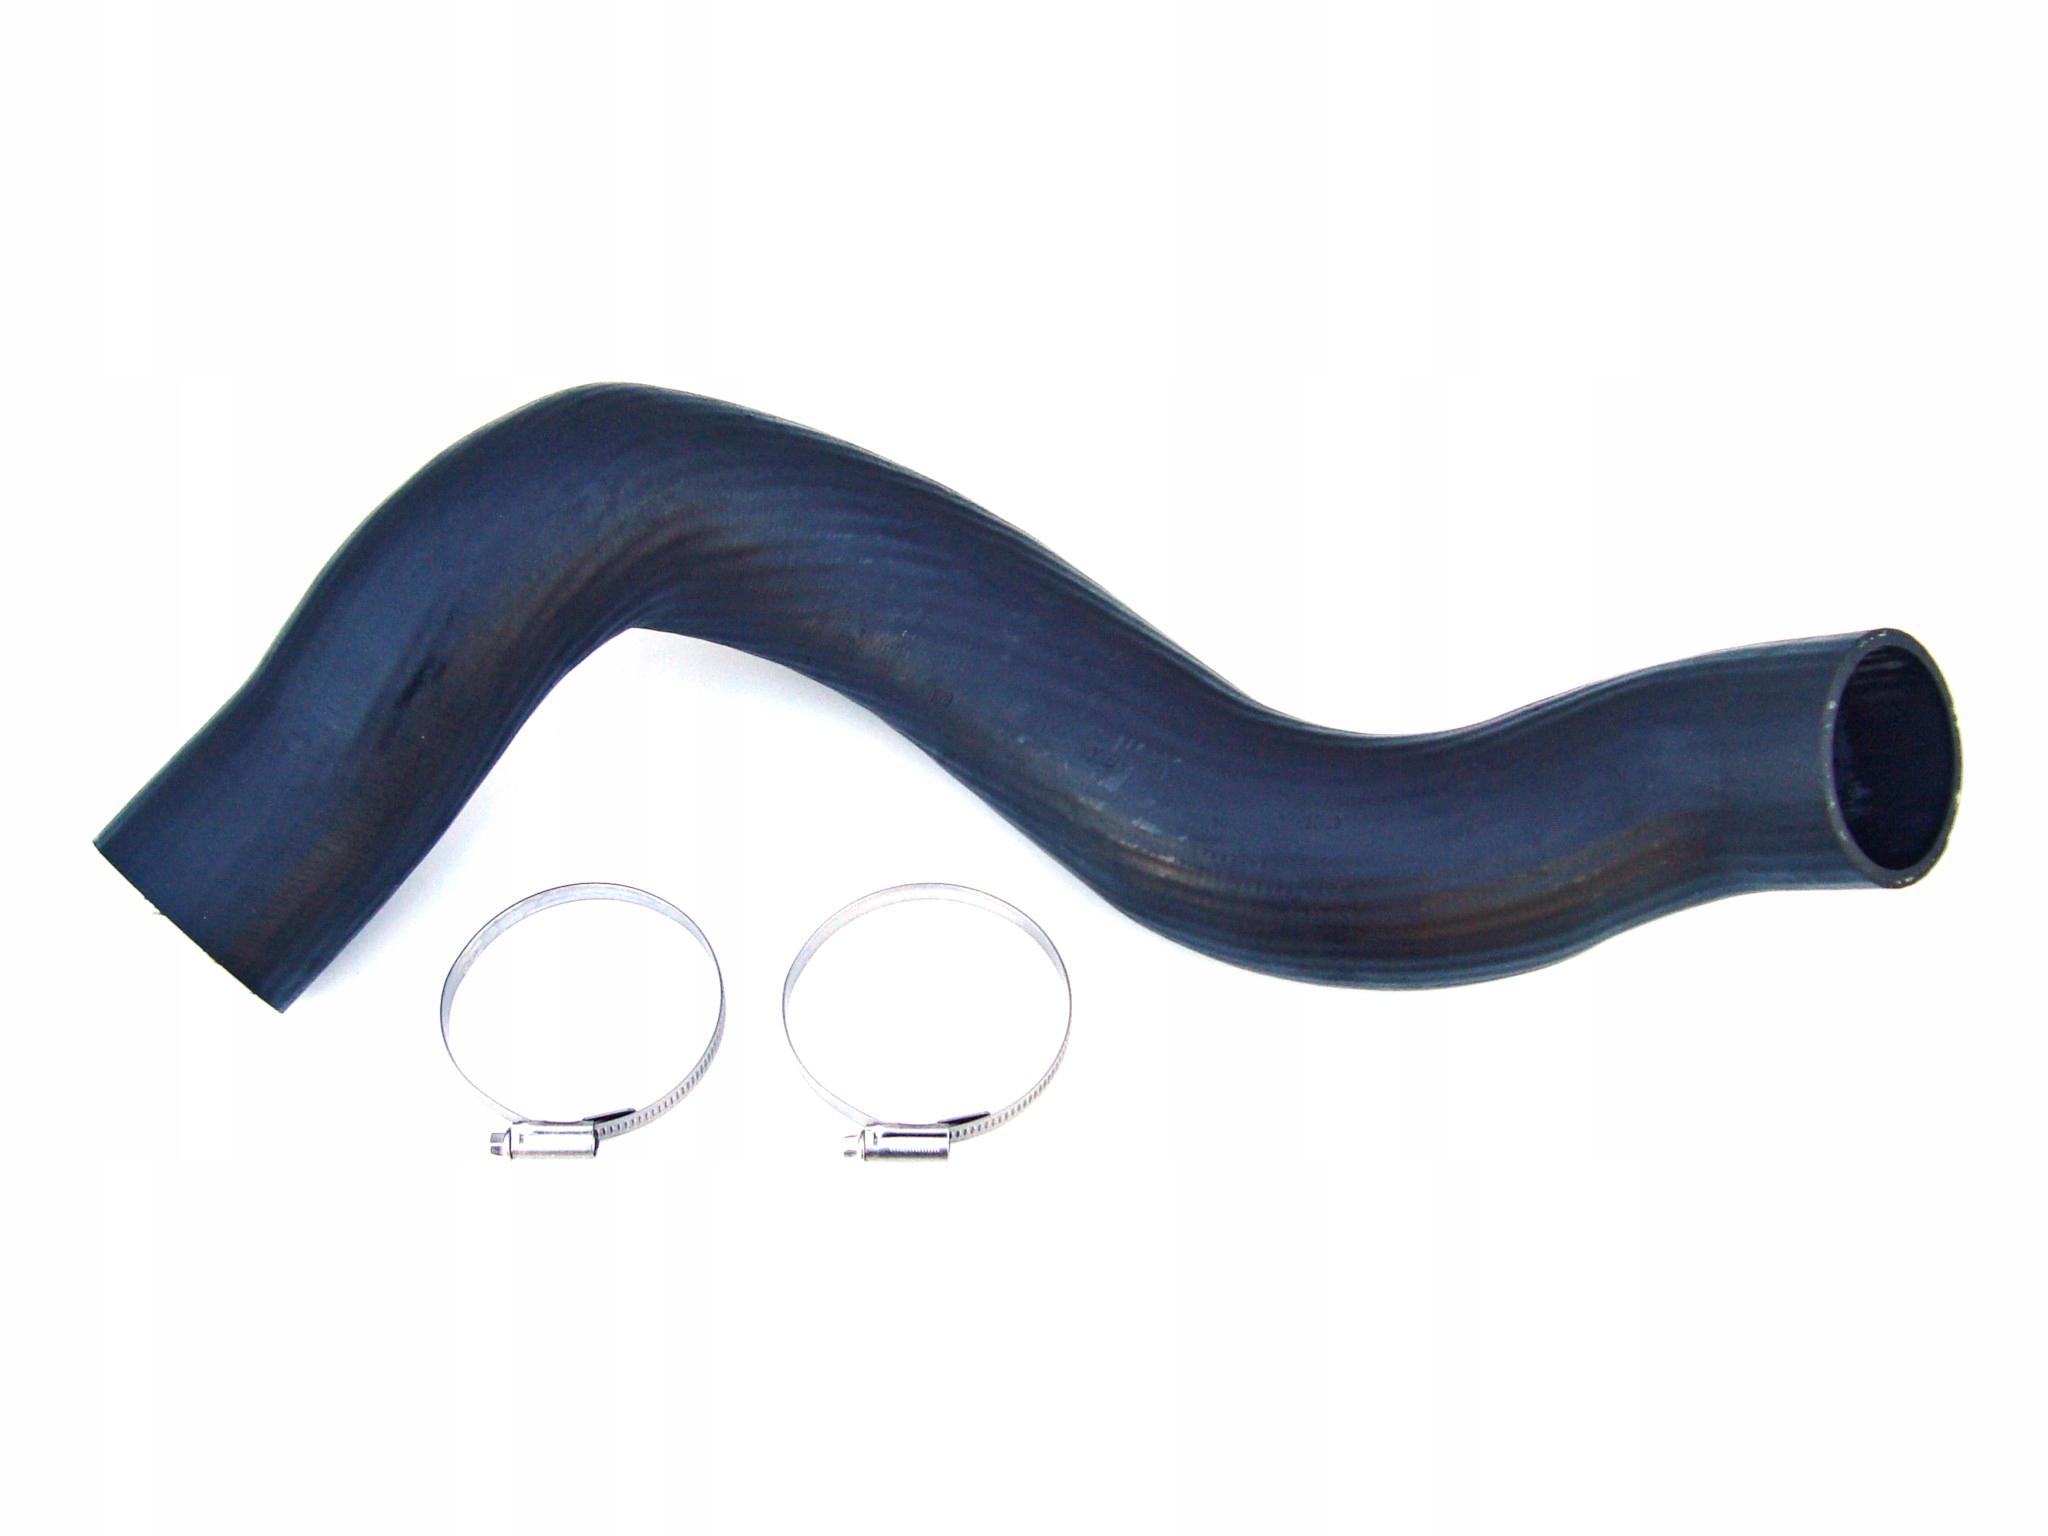 кабель turbo промежуточное volvo s60 xc70 30741795